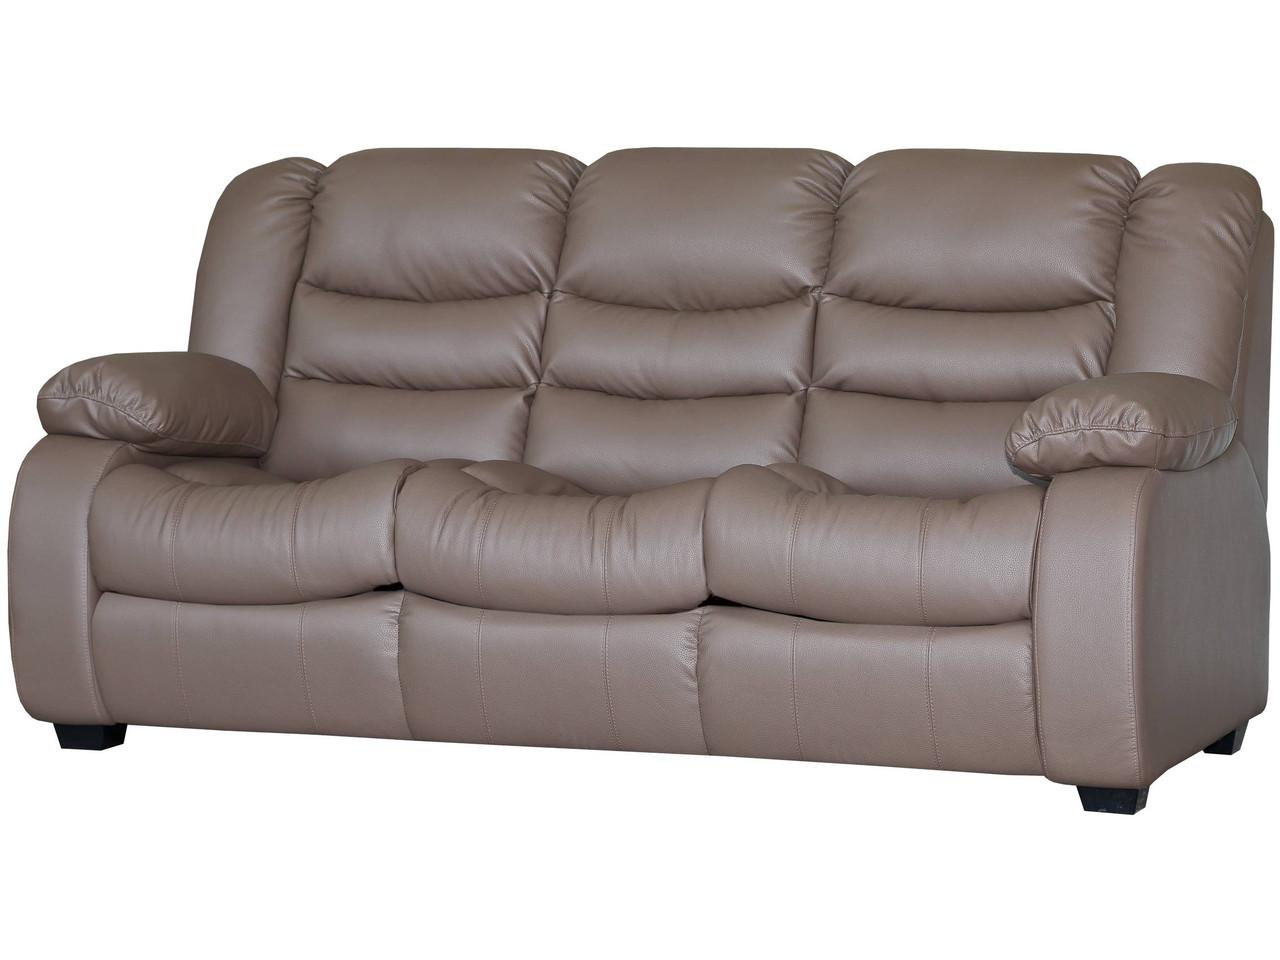 Кожаный диван Ashley, не раскладной диван, мягкий диван, мебель из кожи, диван